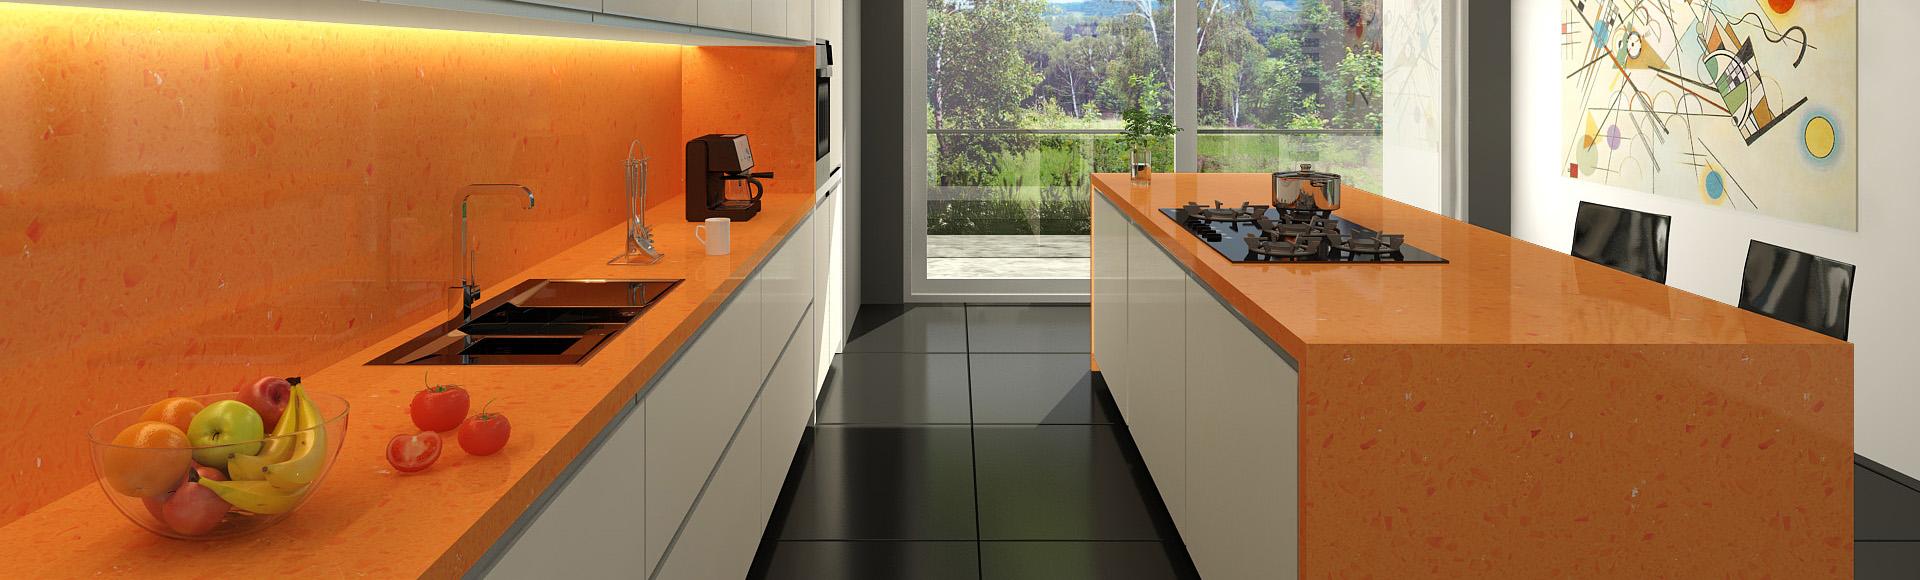 Mesadas de Cuarzo para cocina y baño Fresh Orange|Mesadas Technistone